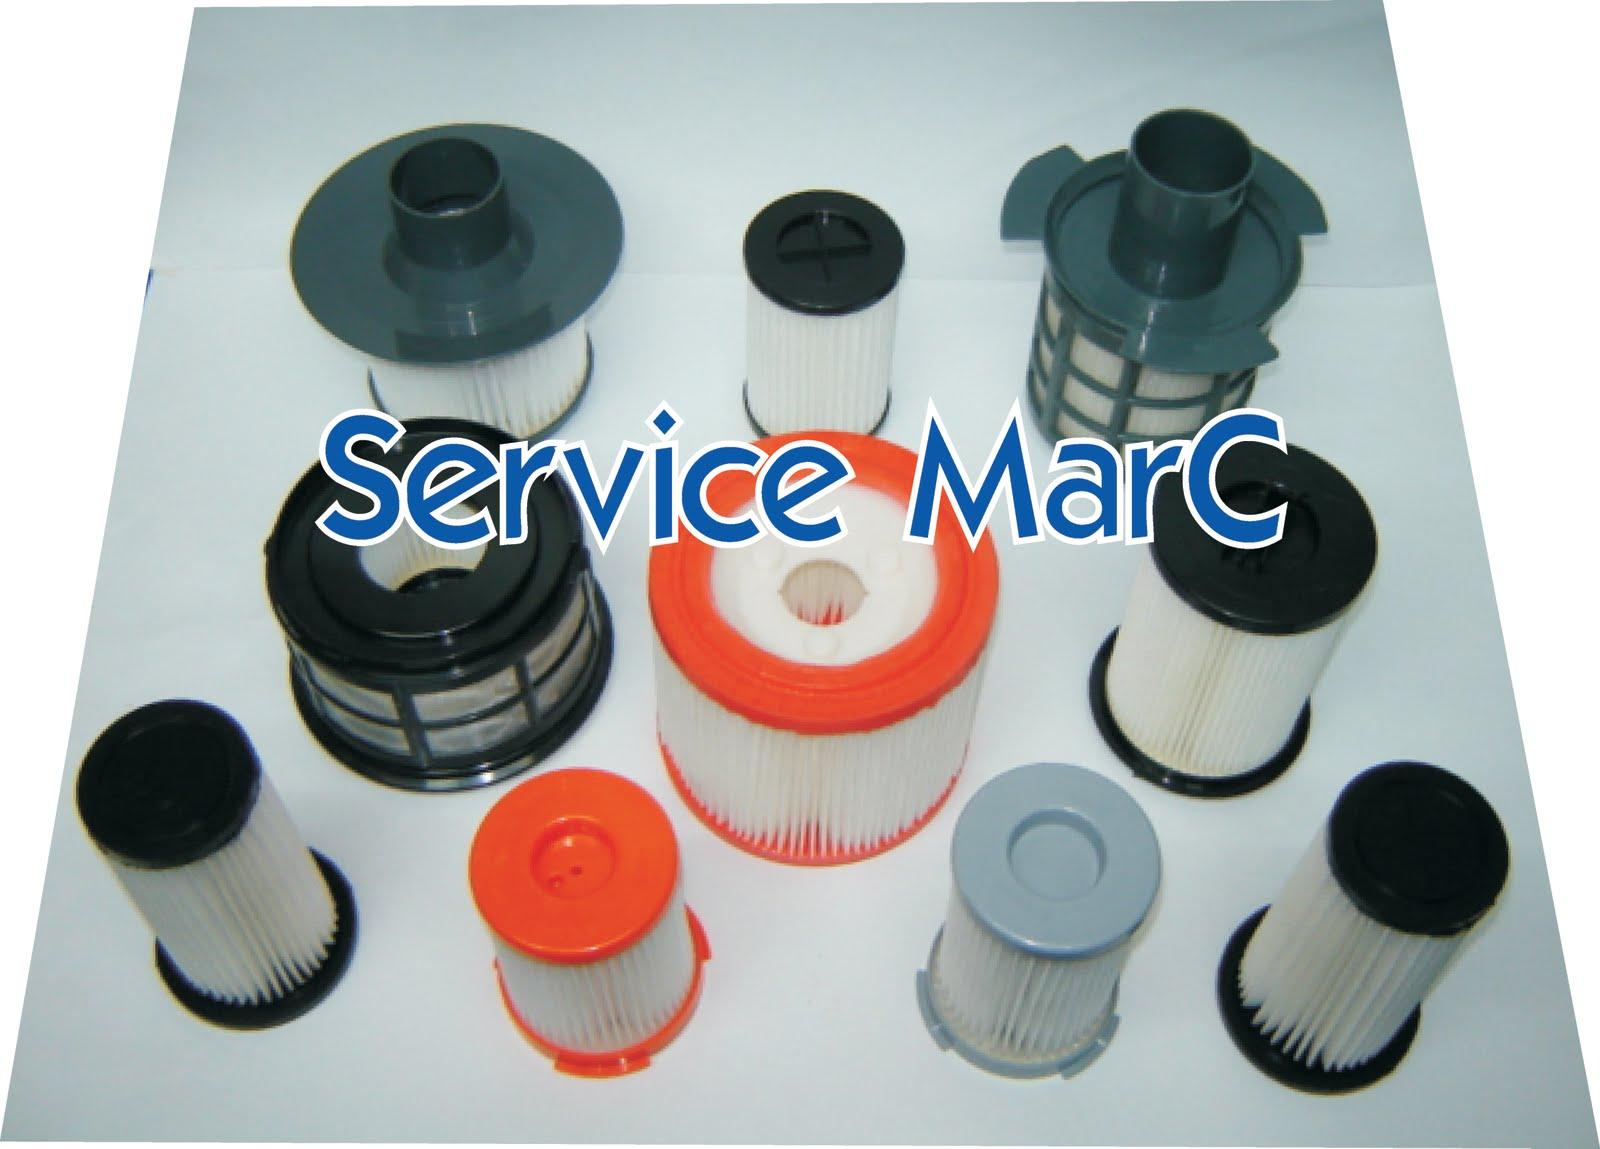 Service marc repuestos filtro hepa de aspiradora for Aspiradora con filtro hepa